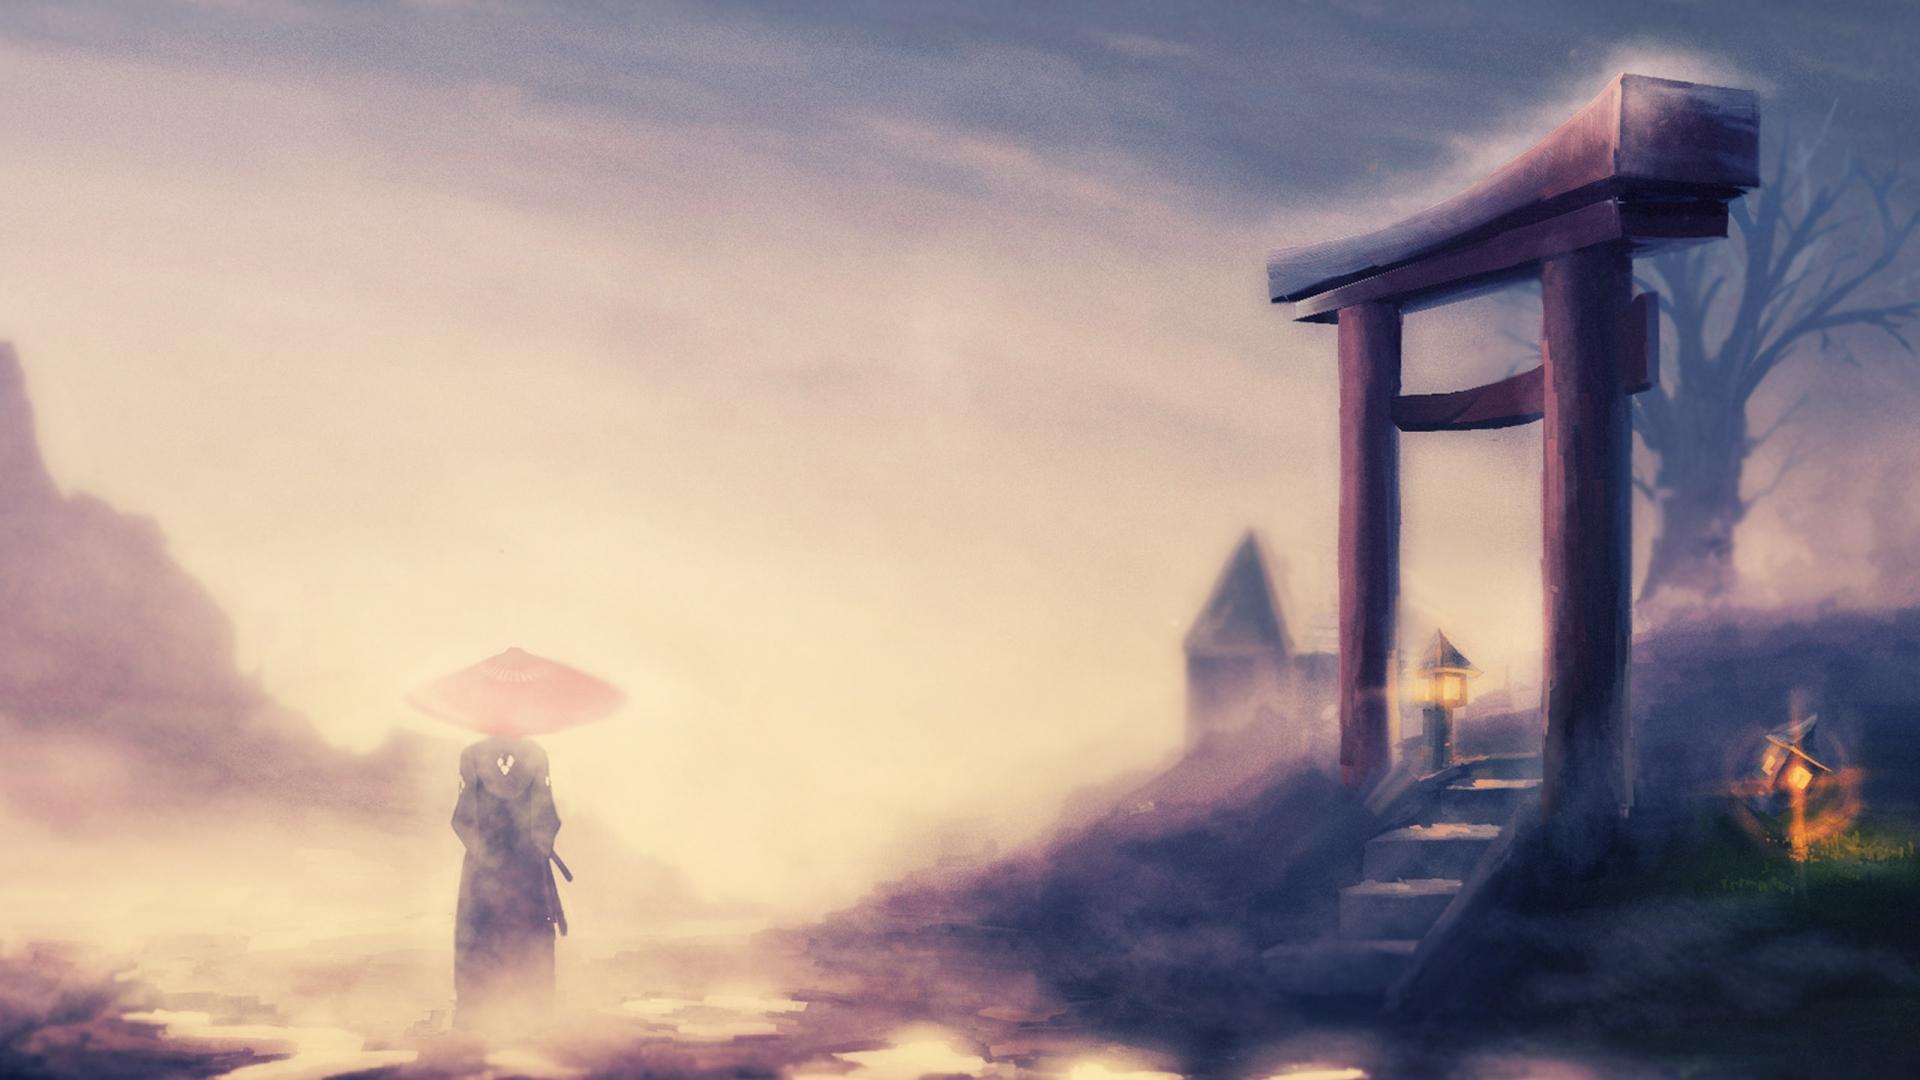 Katana Wallpaper Hd Samurai Wallpapers Hd Pixelstalk Net